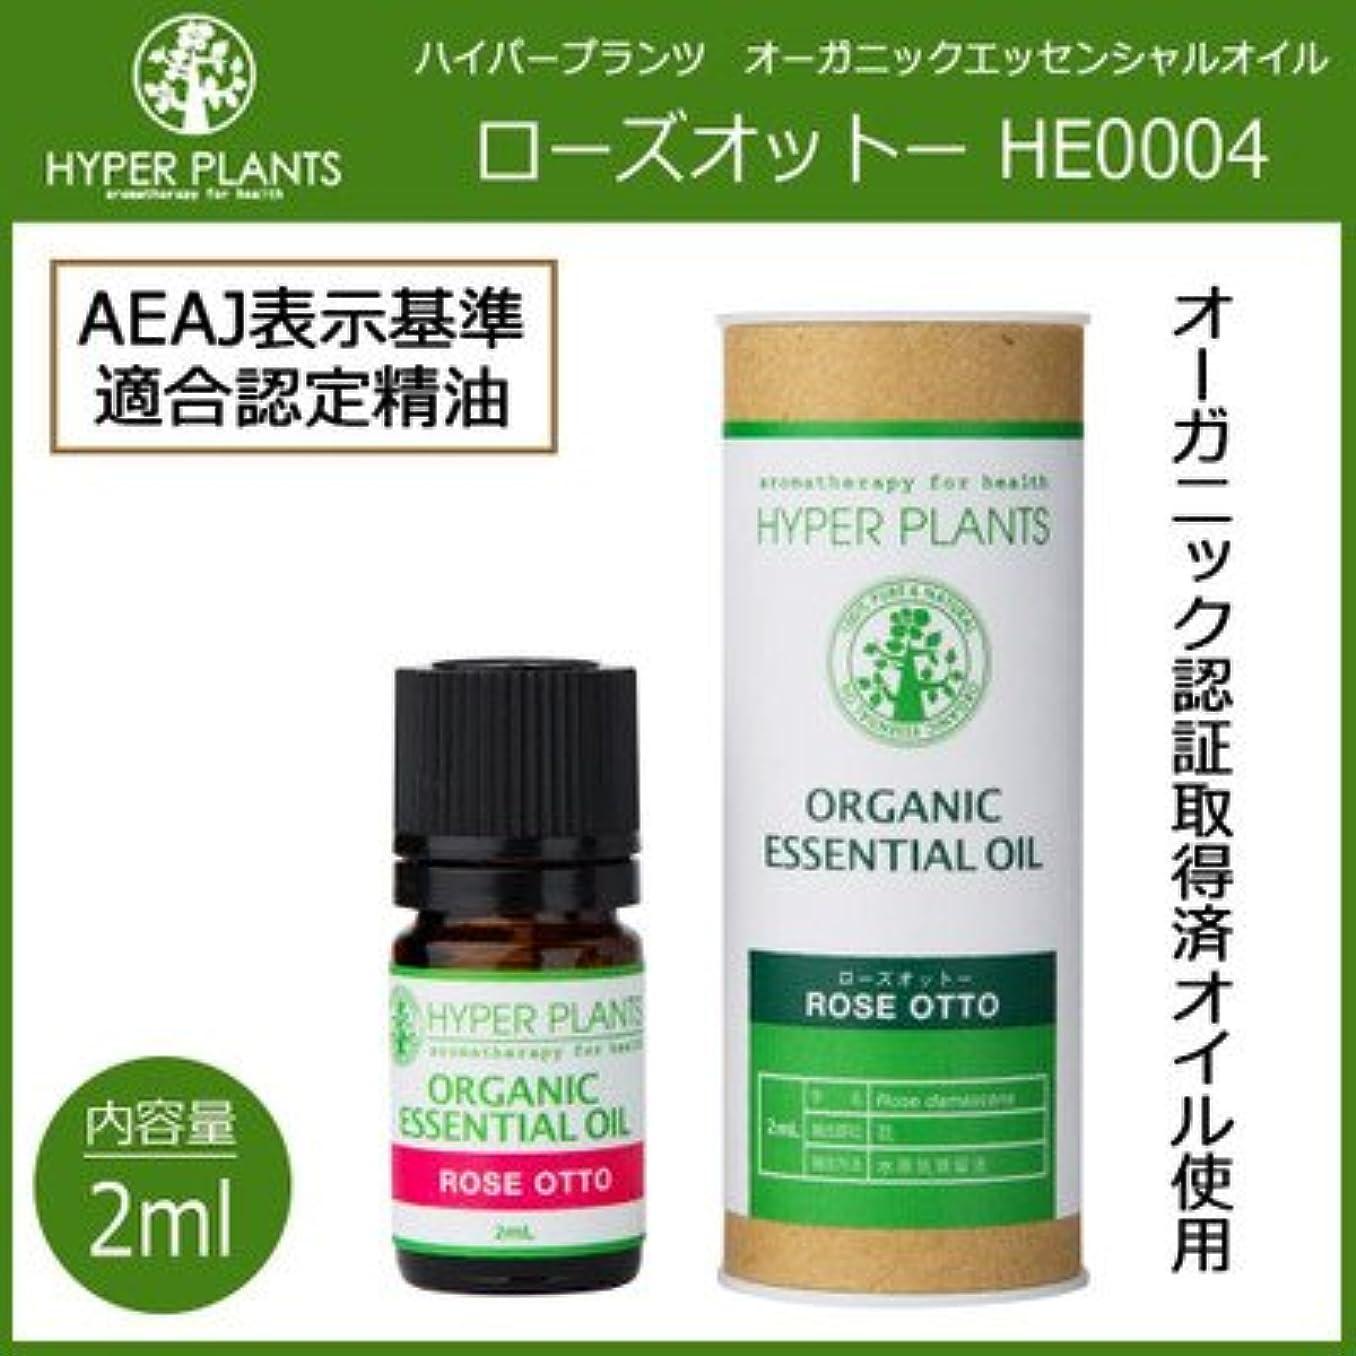 くすぐったいお金対角線毎日の生活にアロマの香りを HYPER PLANTS ハイパープランツ オーガニックエッセンシャルオイル ローズオットー 2ml HE0004